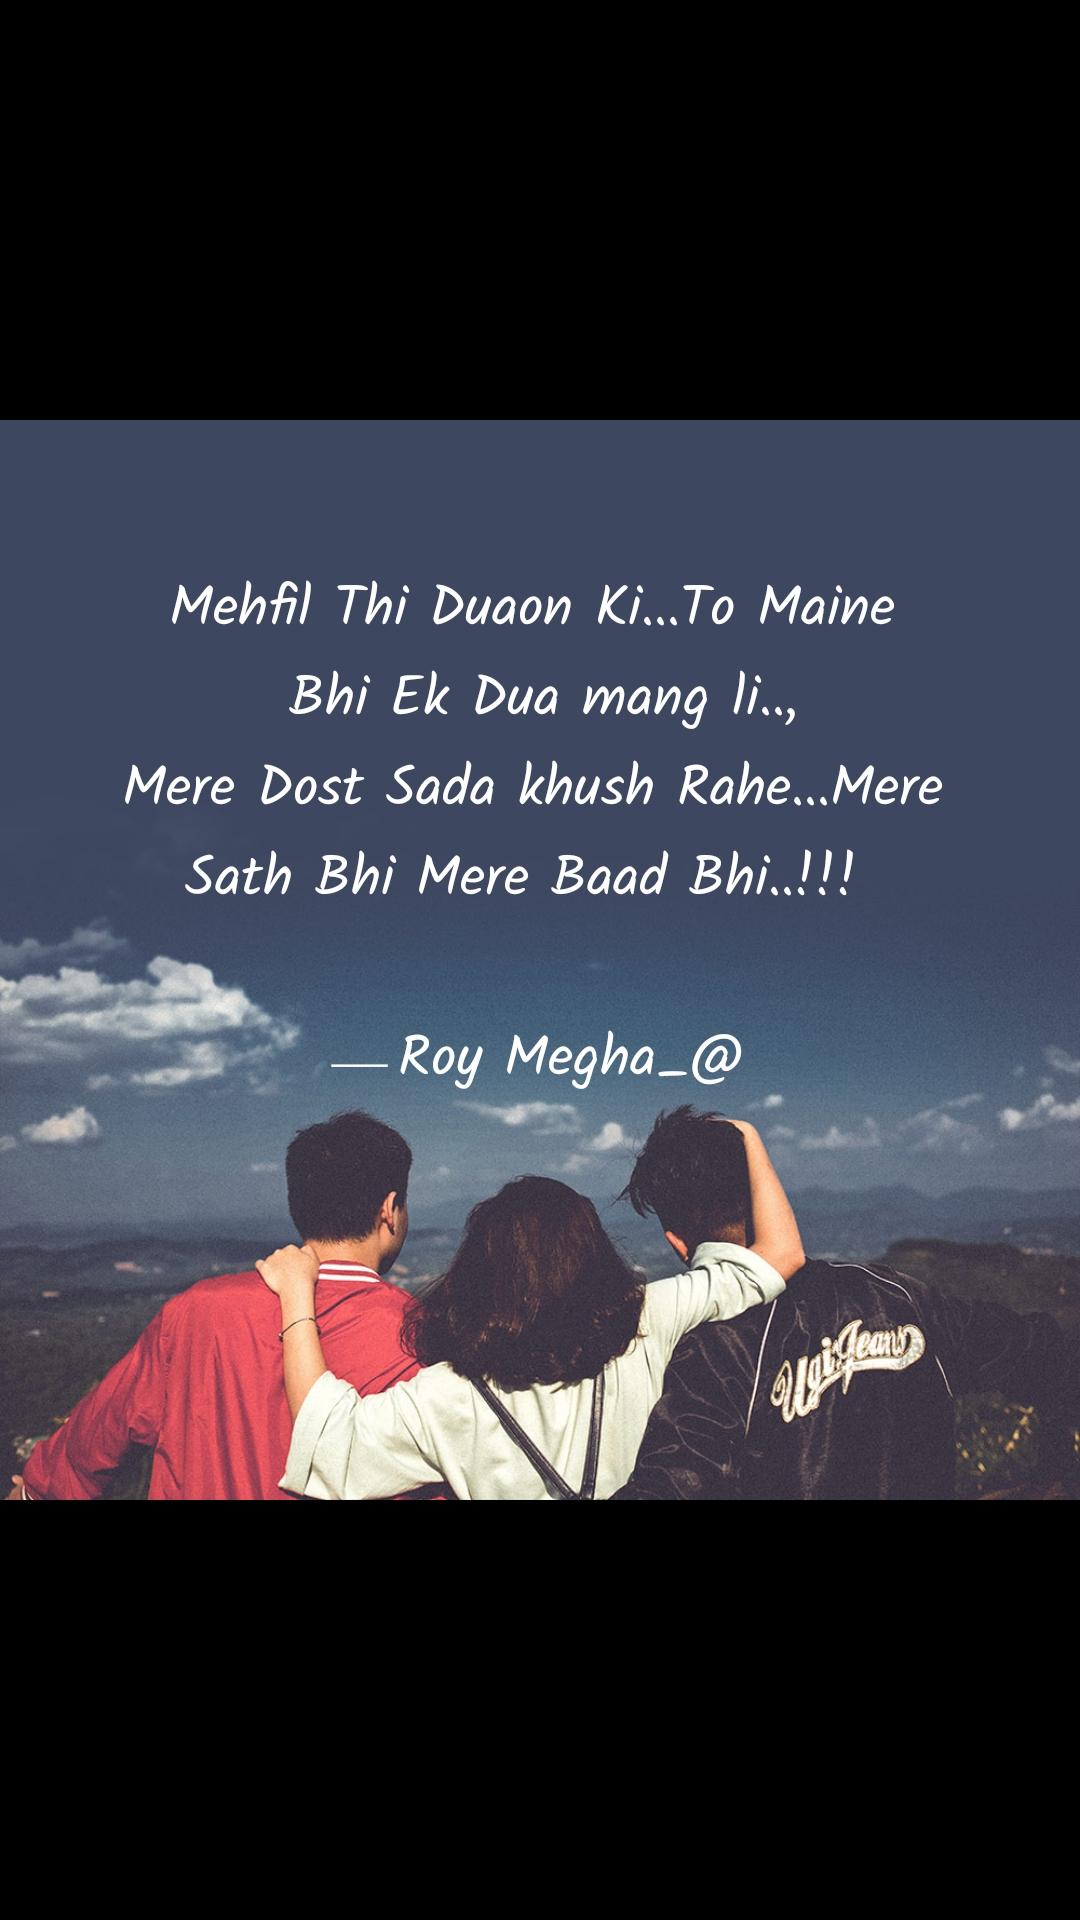 Mehfil Thi Duaon Ki...To Maine  Bhi Ek Dua mang li..,  Mere Dost Sada khush Rahe...Mere  Sath Bhi Mere Baad Bhi..!!!                                                                                      ⎯ Roy Megha_@